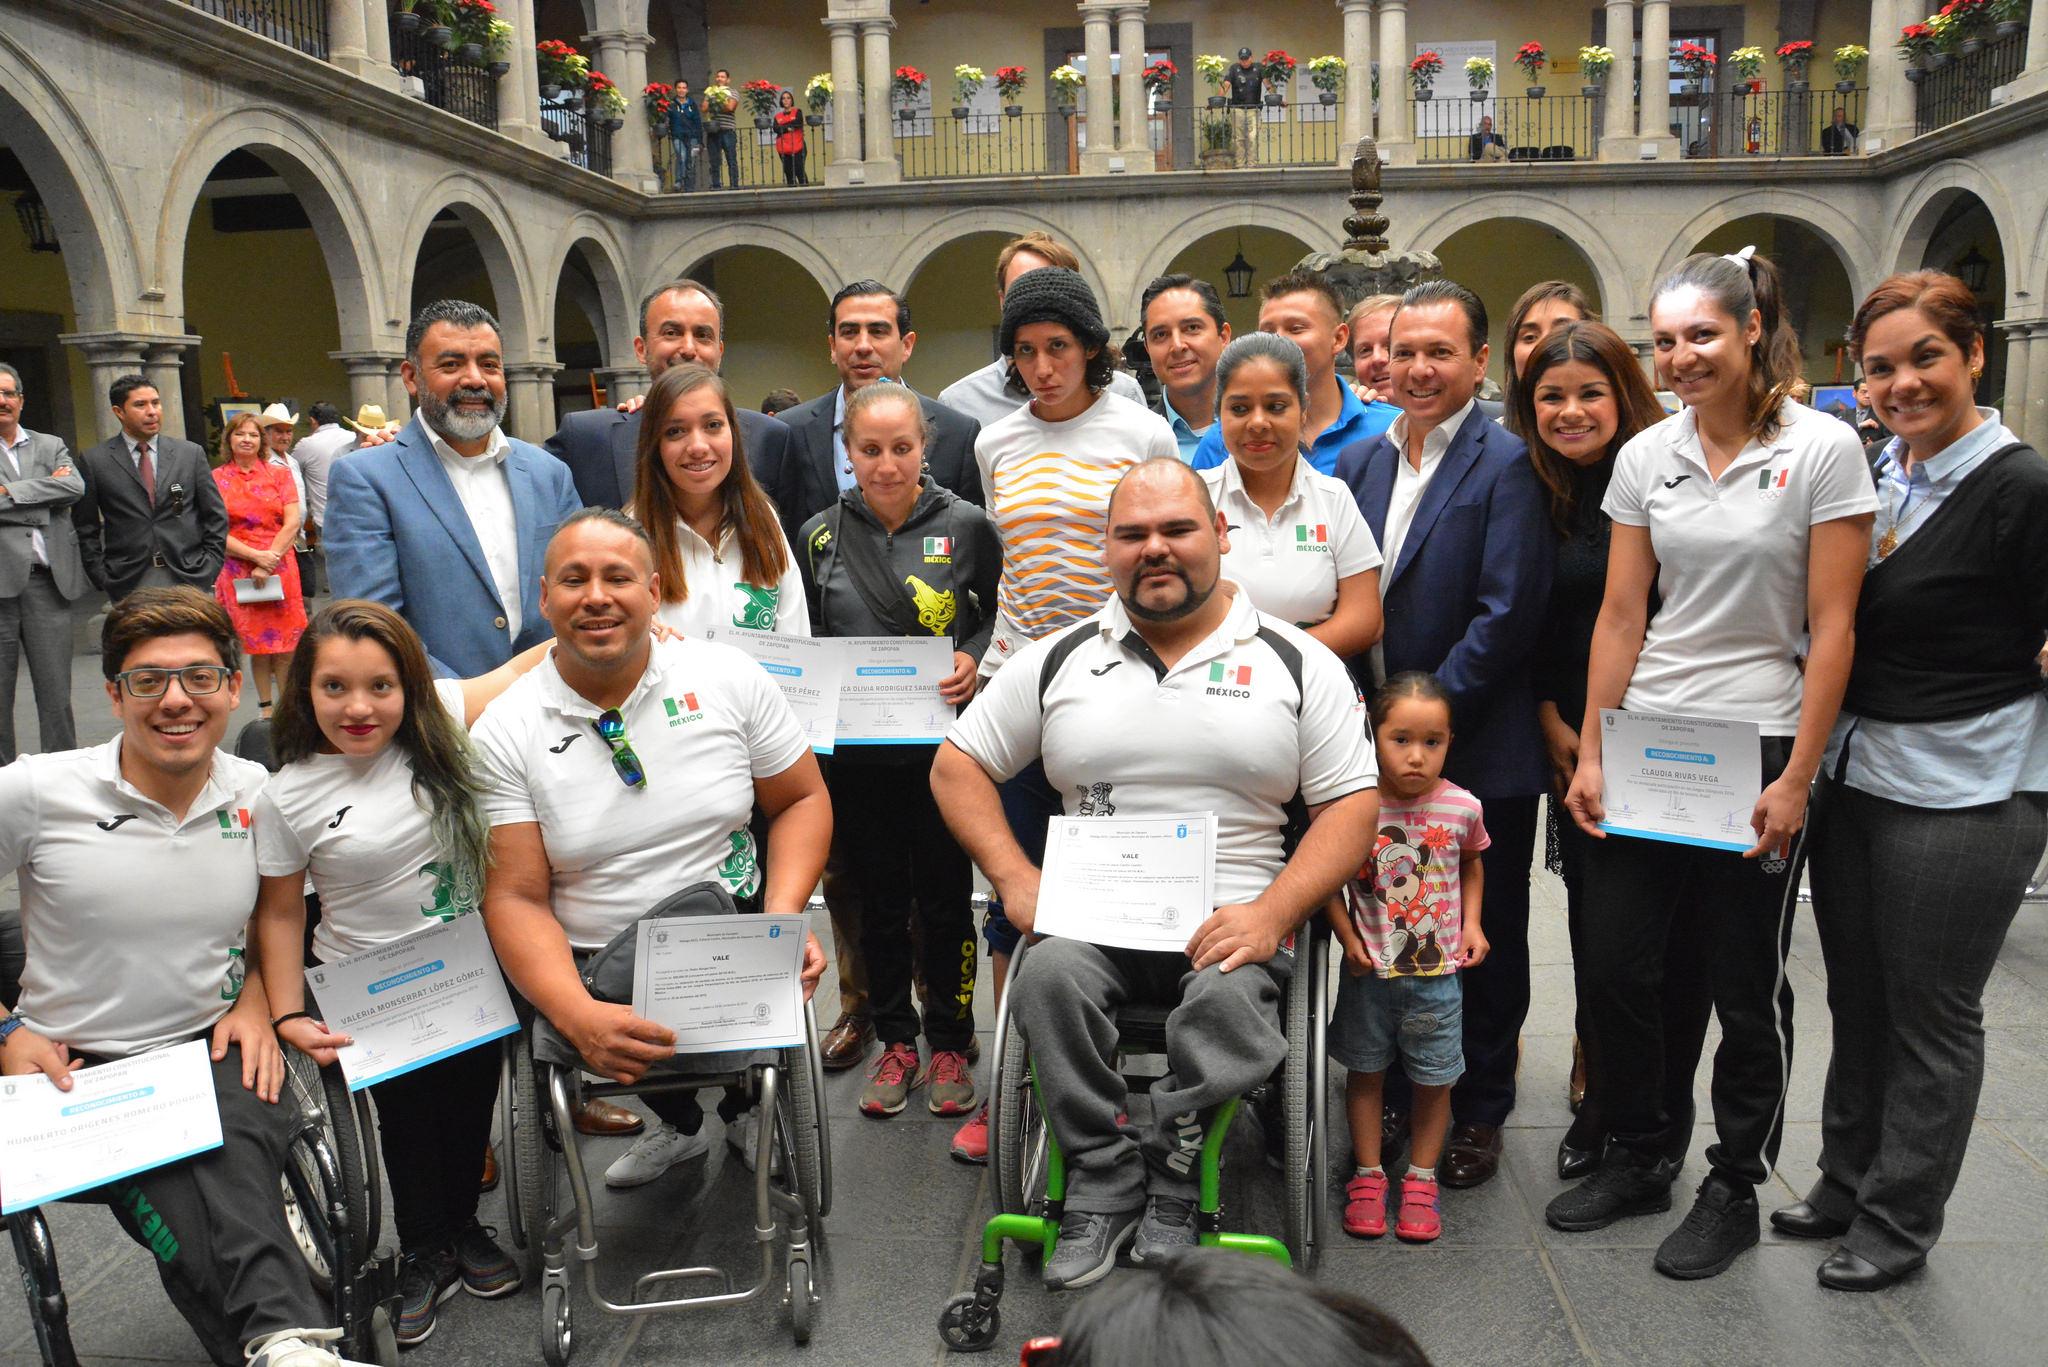 Reconoce Gobierno Municipal a los atletas zapopanos que participaron en Río 2016